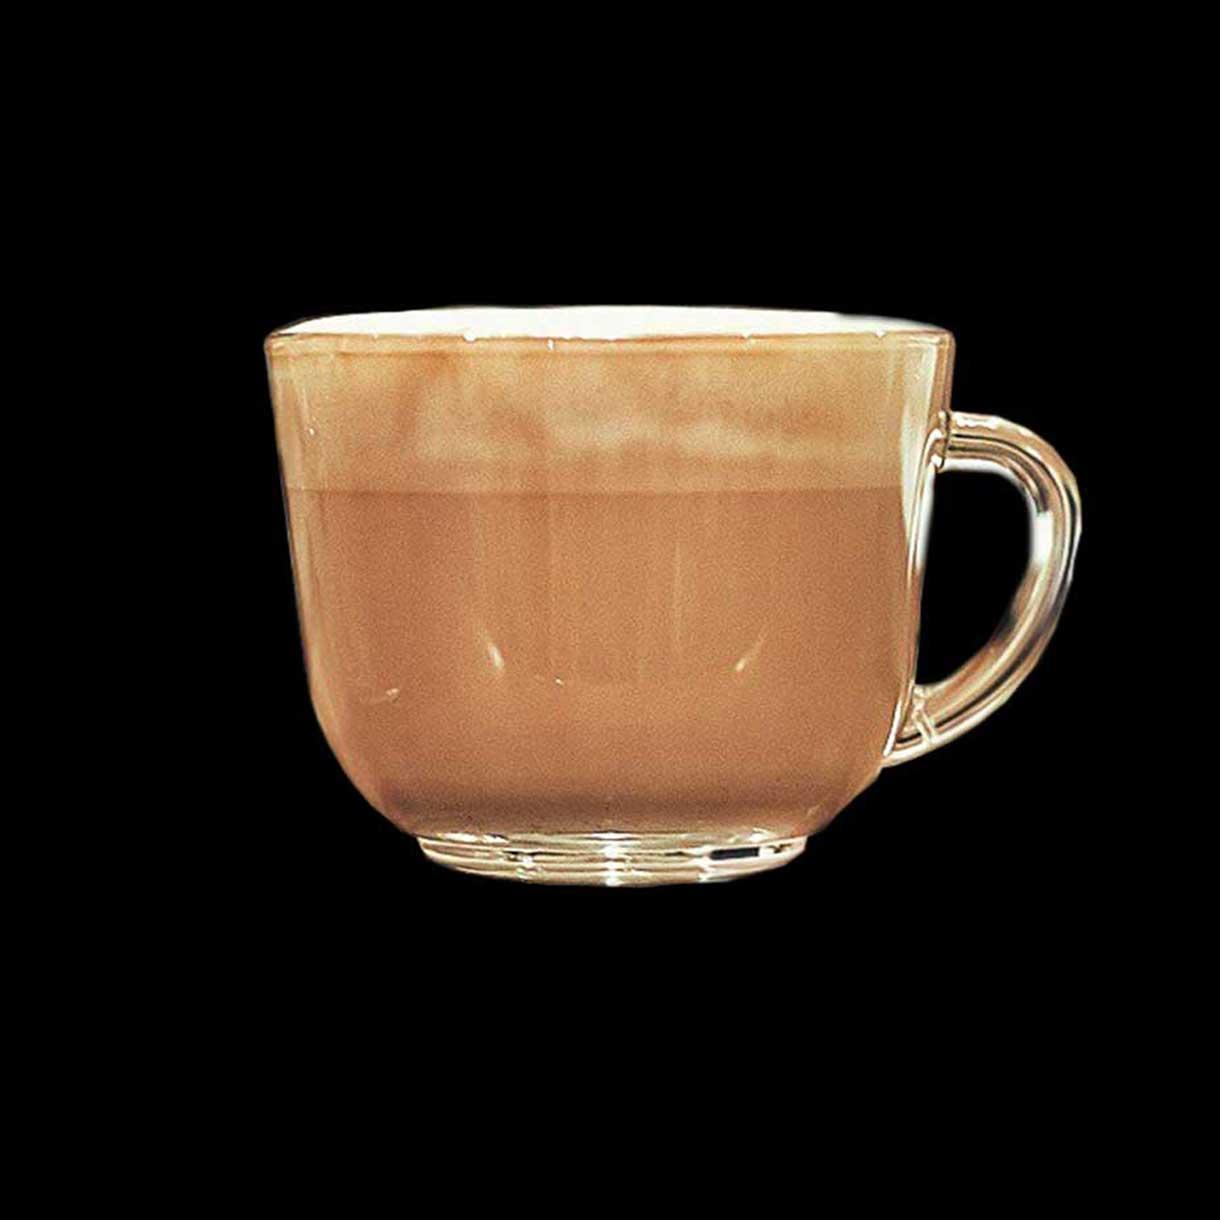 espresso-based coffee drink